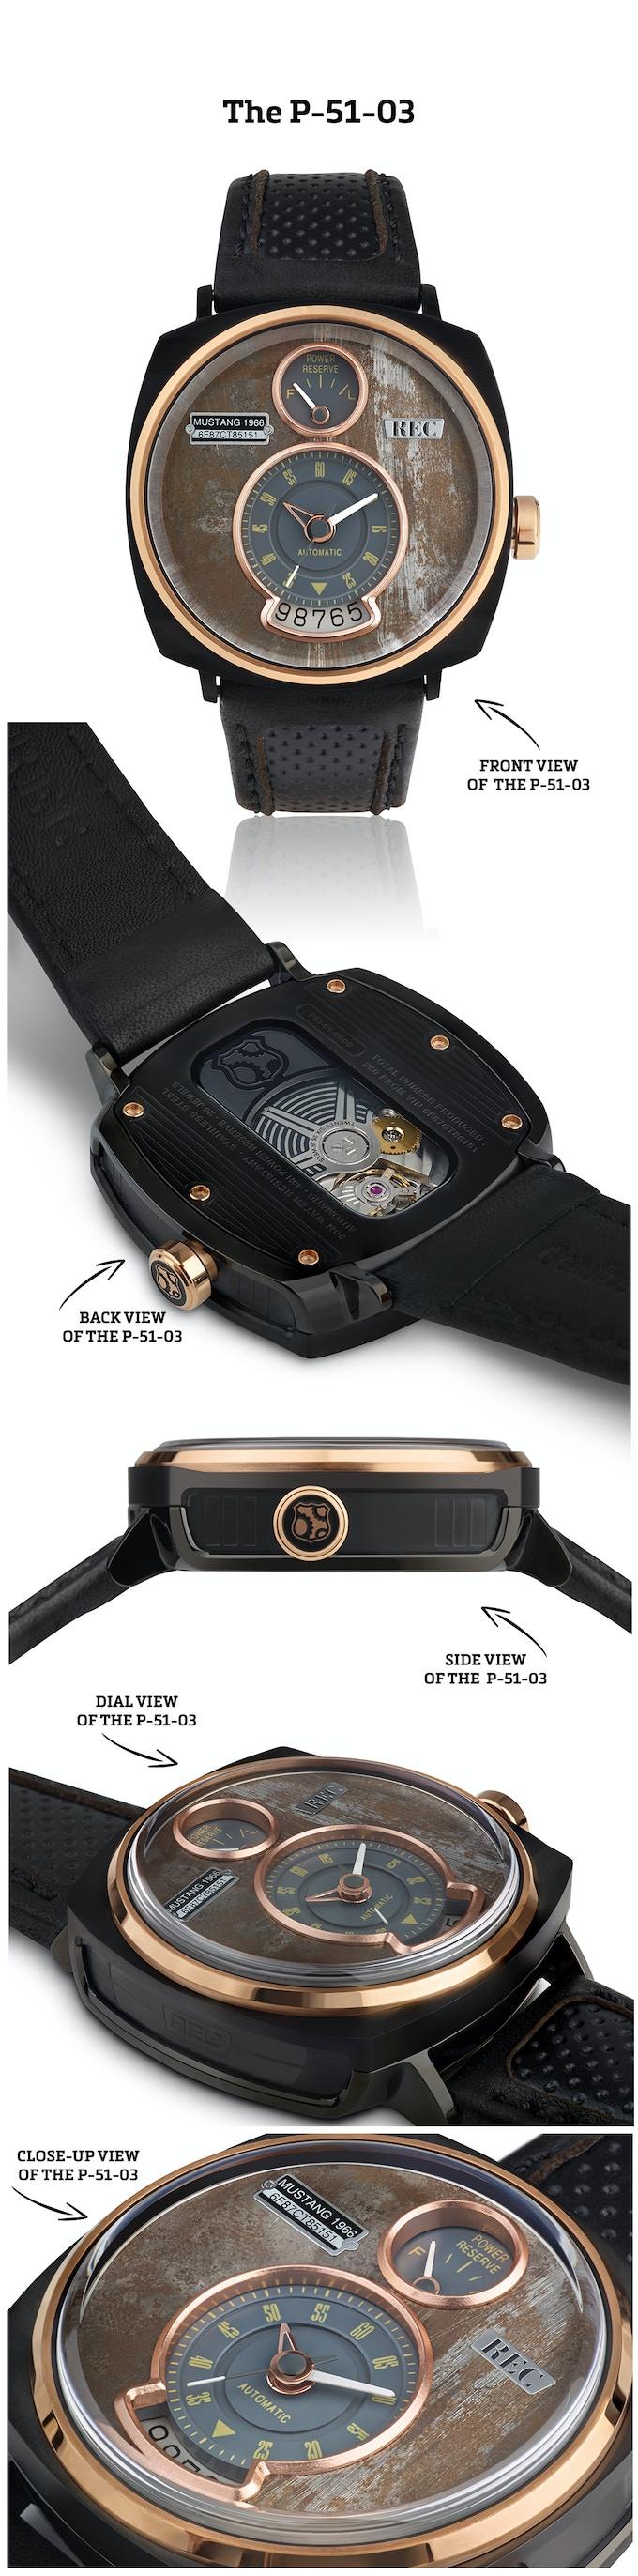 TWW - Watches